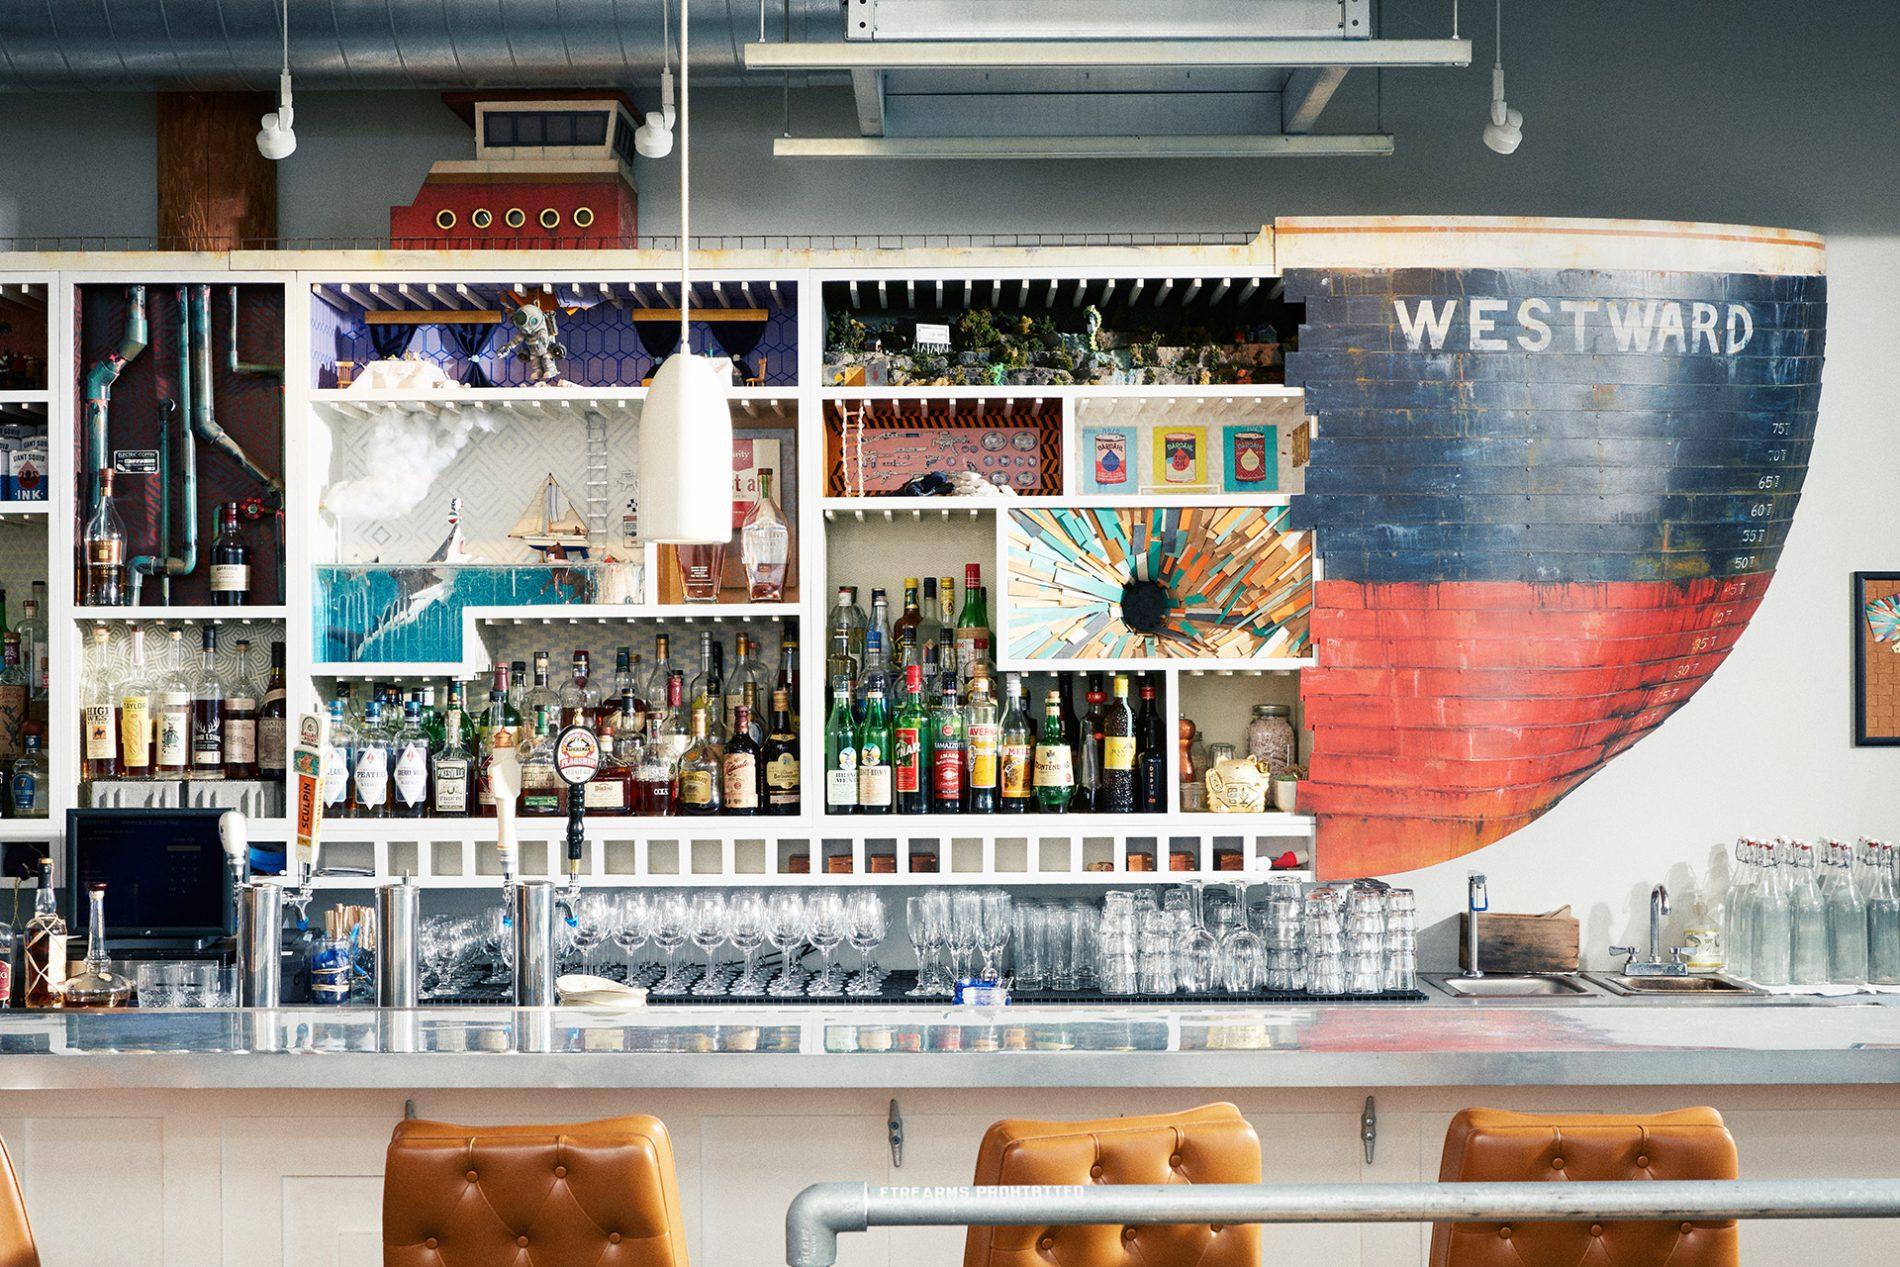 Westward_3